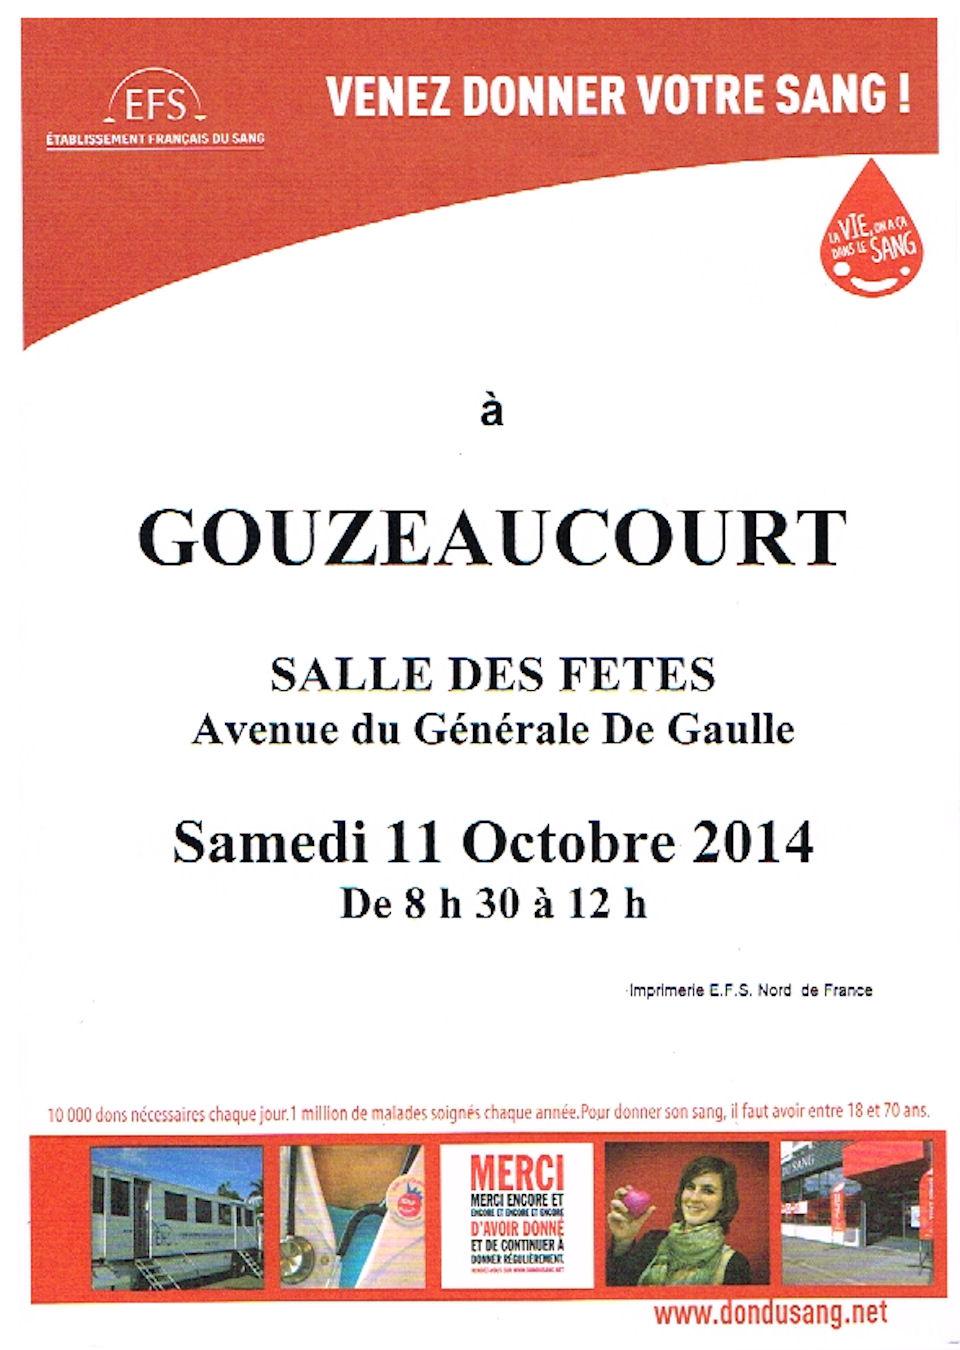 info 4 oct 2014